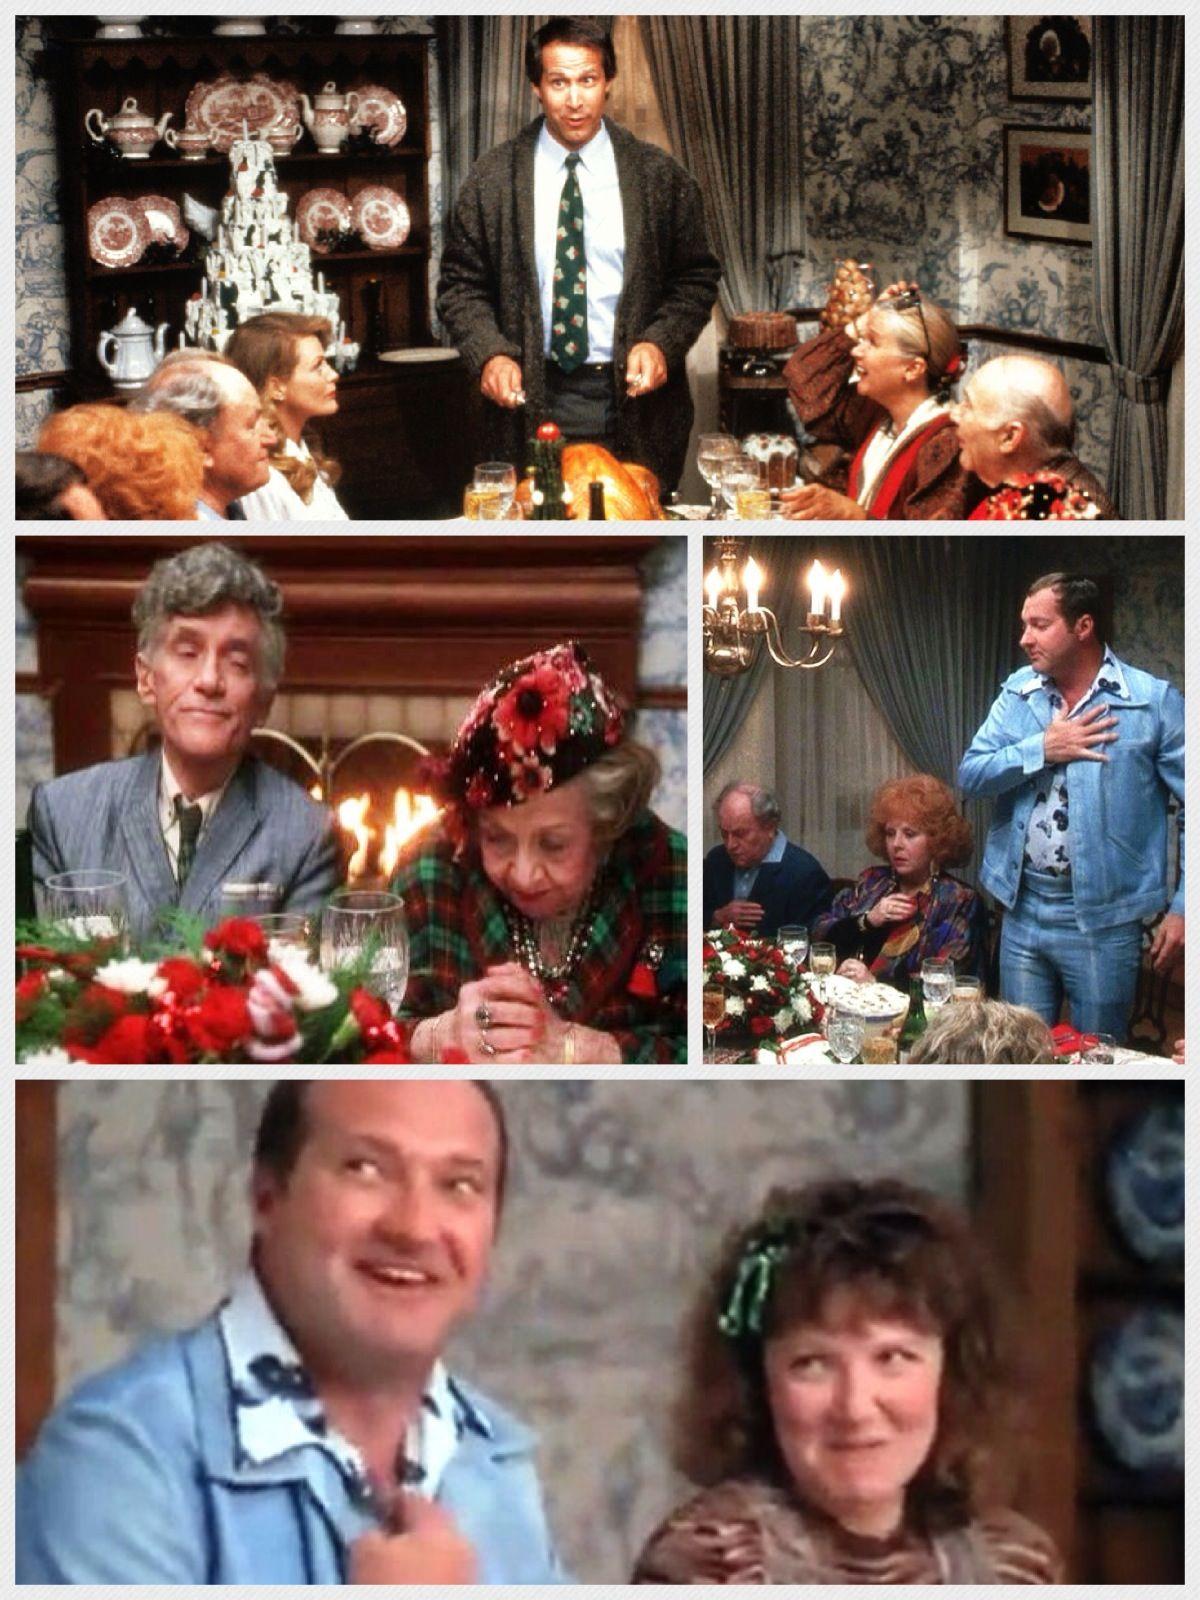 National Lampoon's Christmas Vacation 1989 Christmas